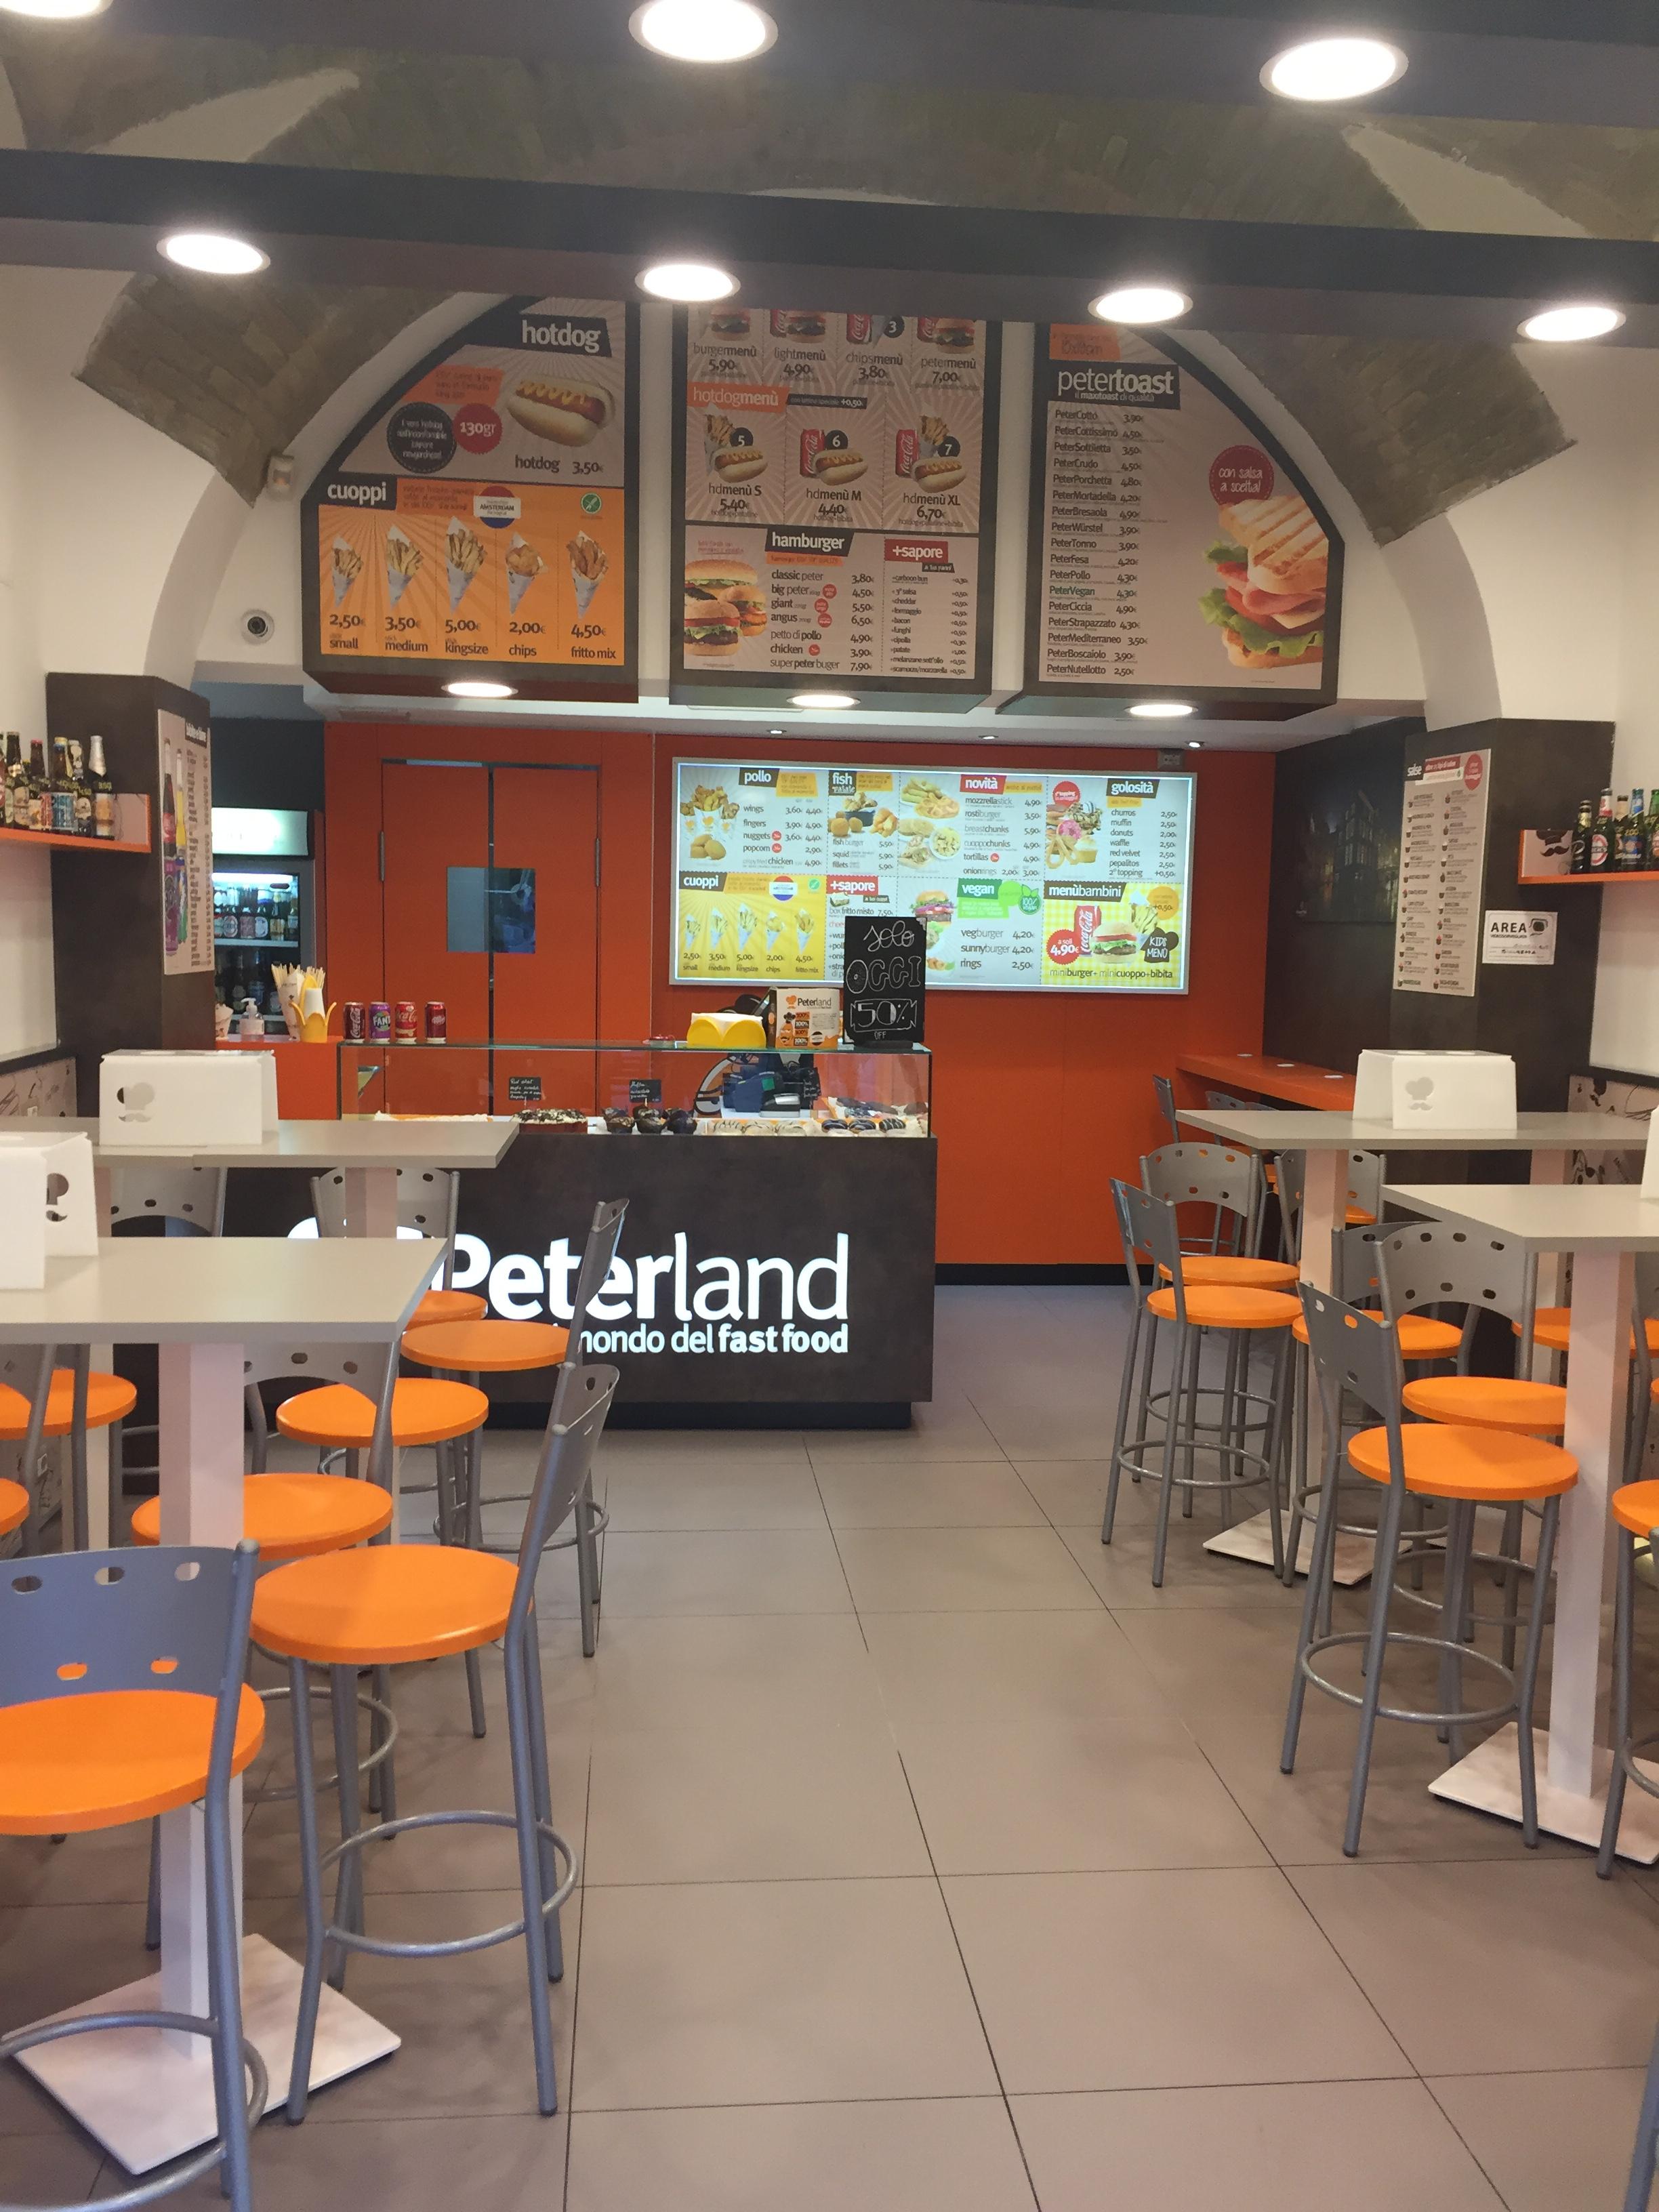 peterland-5